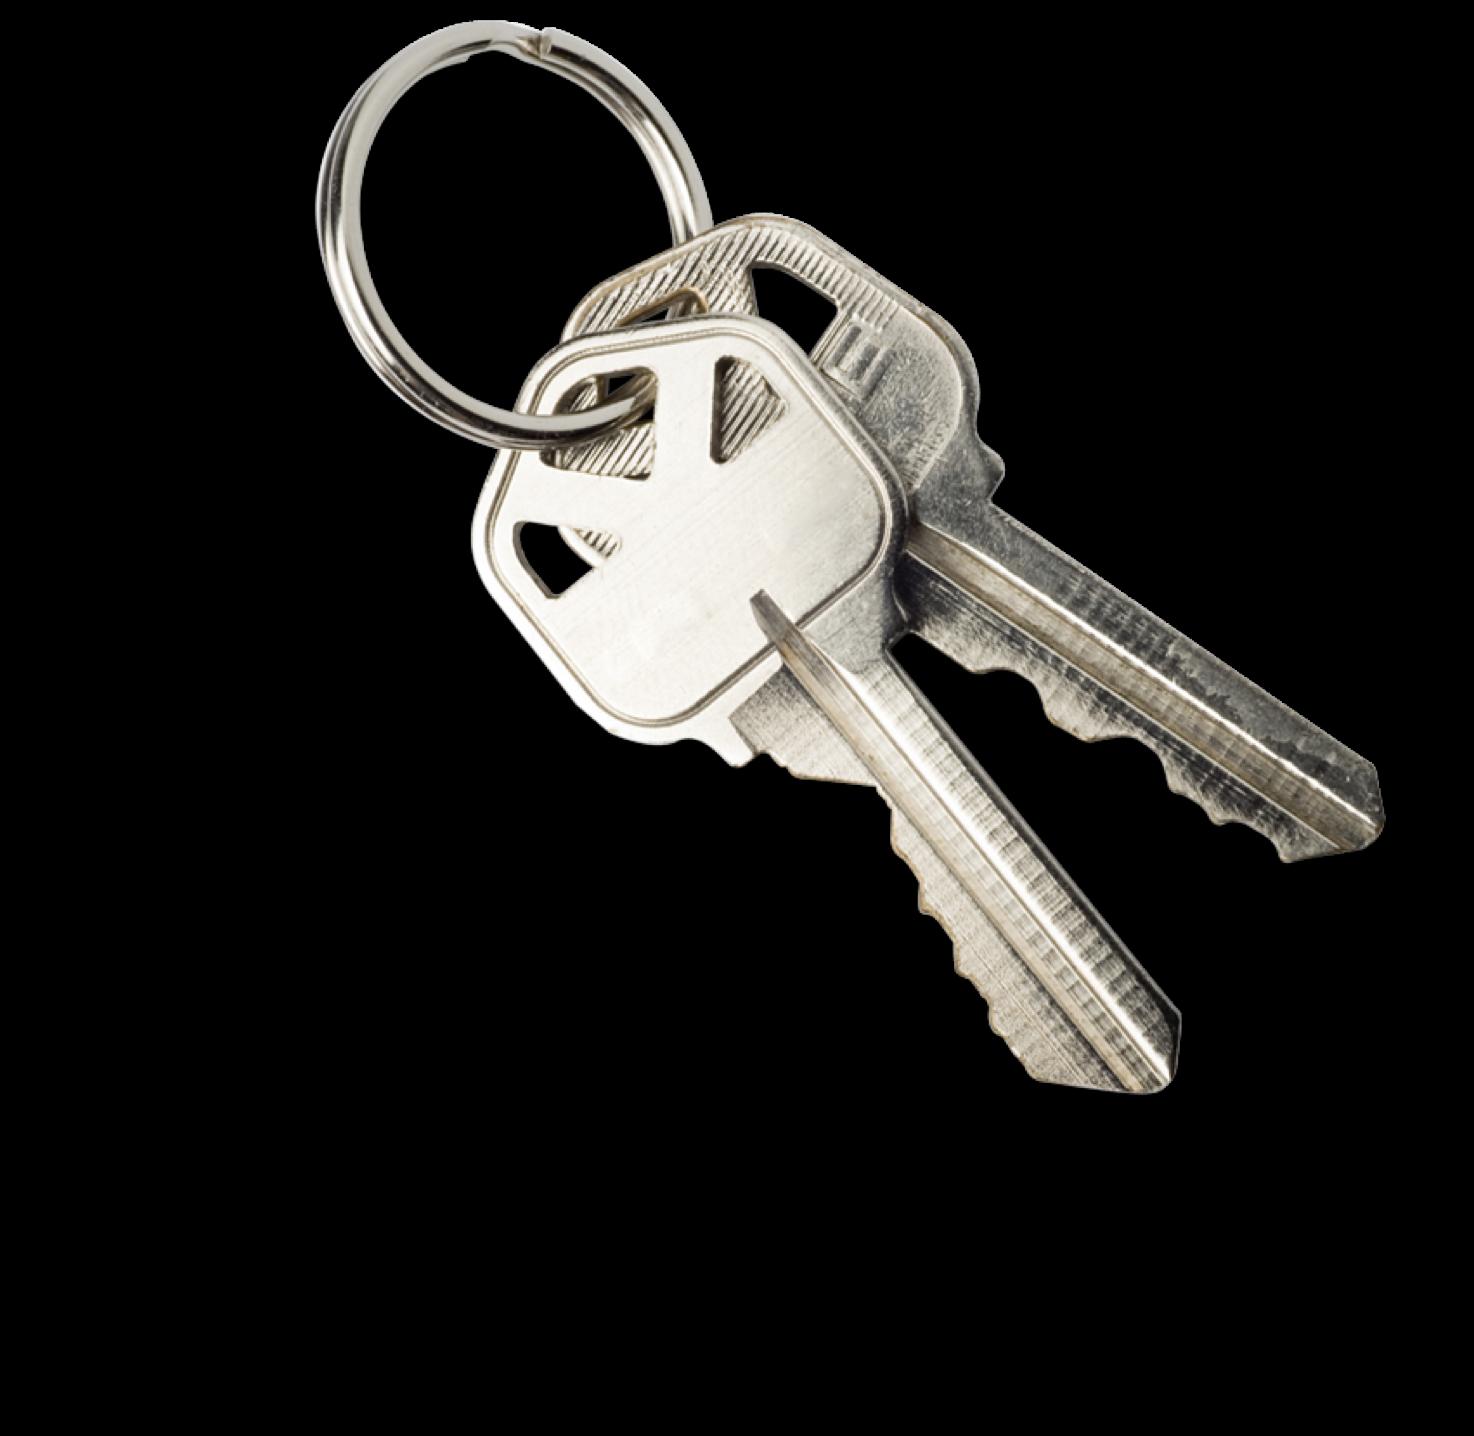 Keys@2X